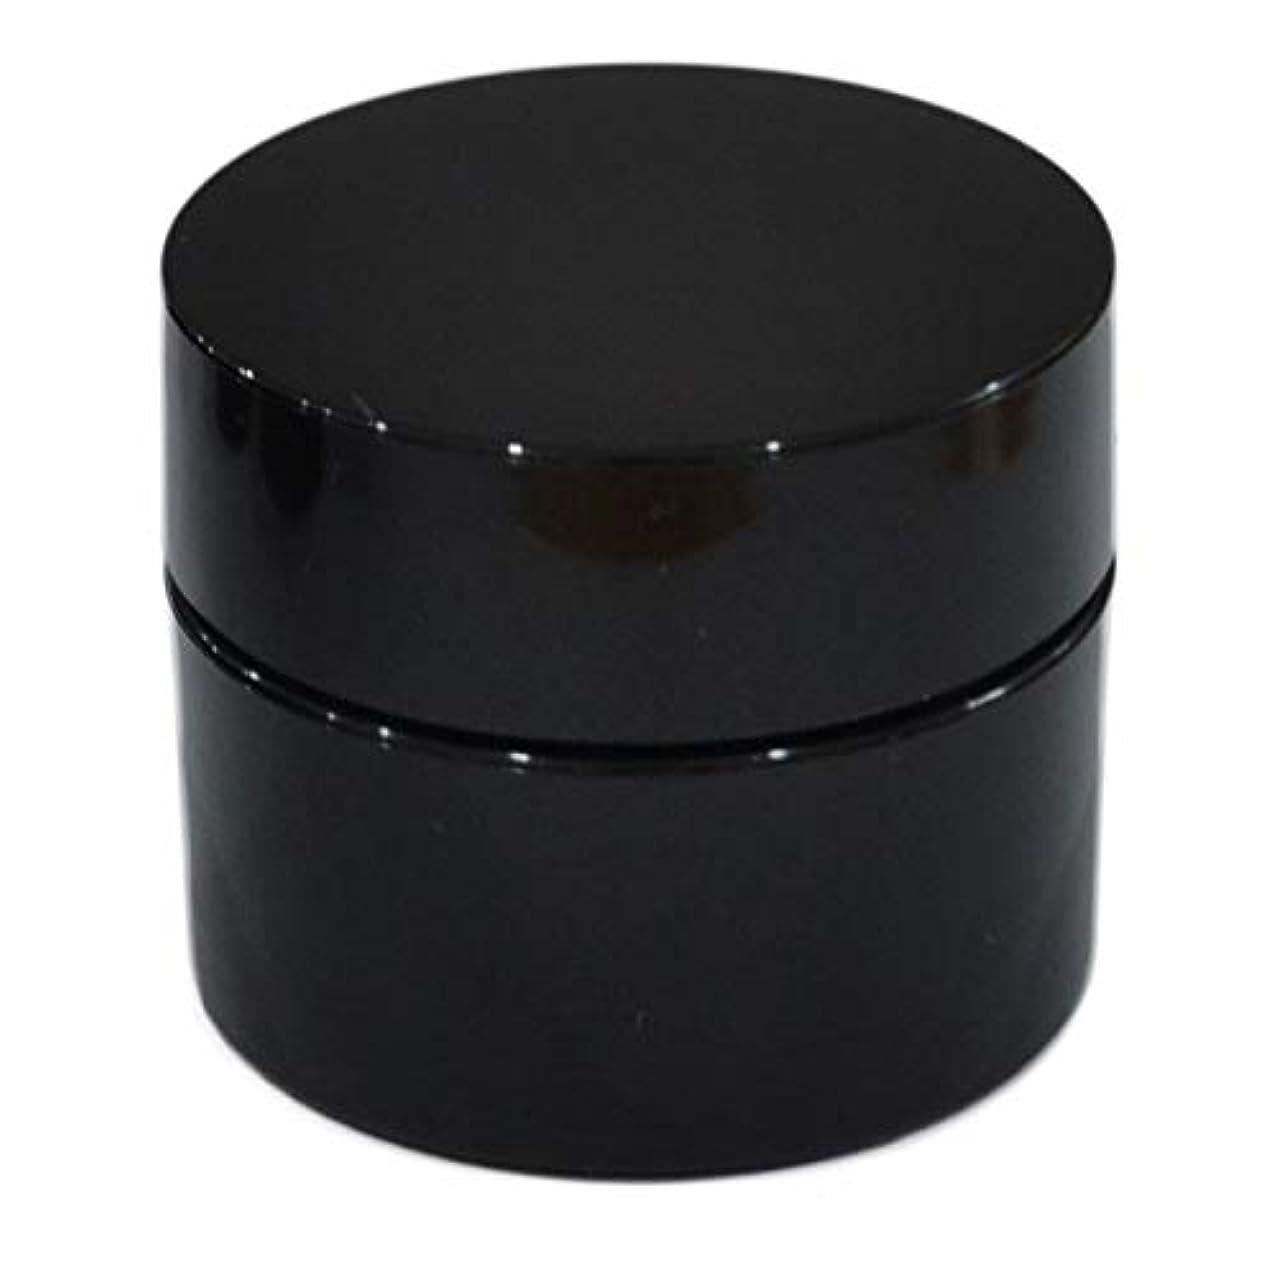 結核旅植物学者純国産ネイルジェル用コンテナ 10g用GA10g 漏れ防止パッキン&ブラシプレート付容器 ジェルを無駄なく使える底面傾斜あり 遮光 黒 ブラック